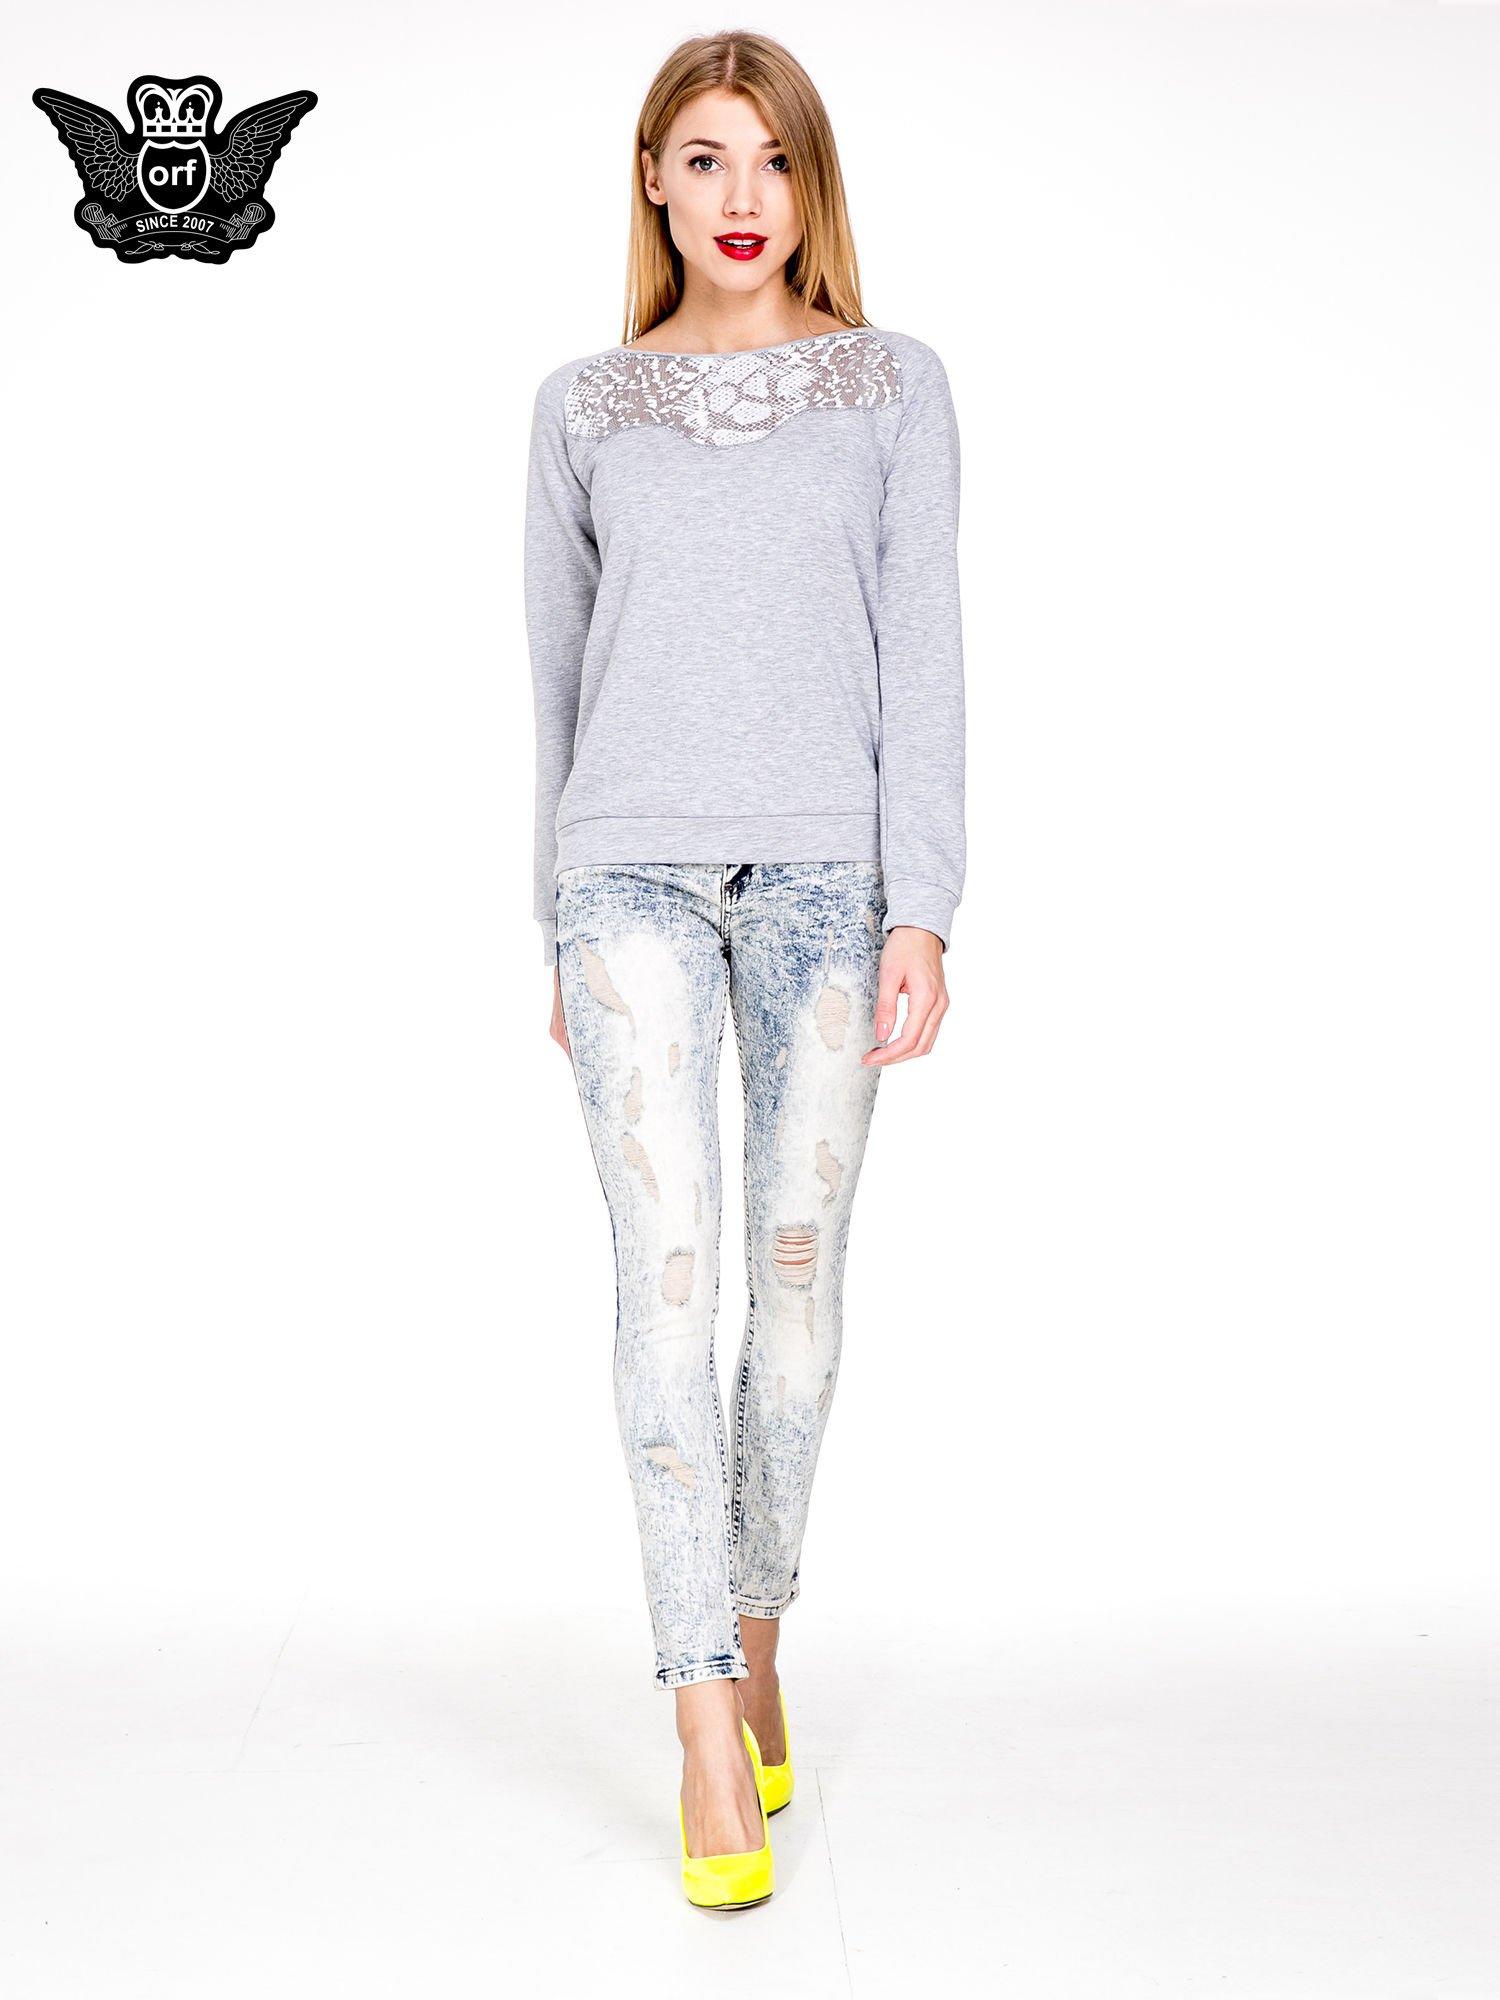 Jasnoniebieskie spodnie skinny jeans z dekatyzowaniem i przetarciami                                  zdj.                                  2